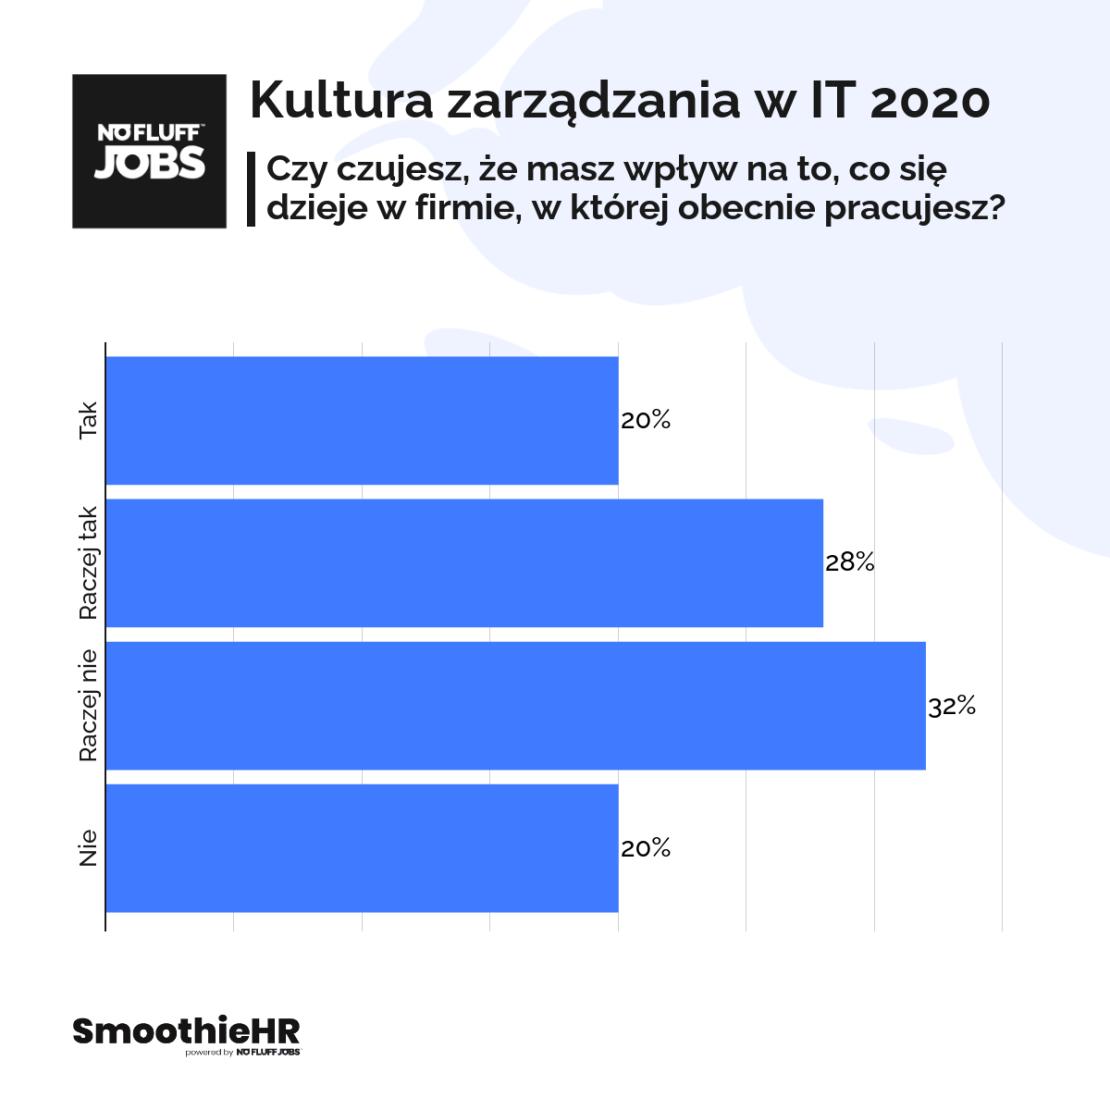 Kultura zarządzania w IT 2020